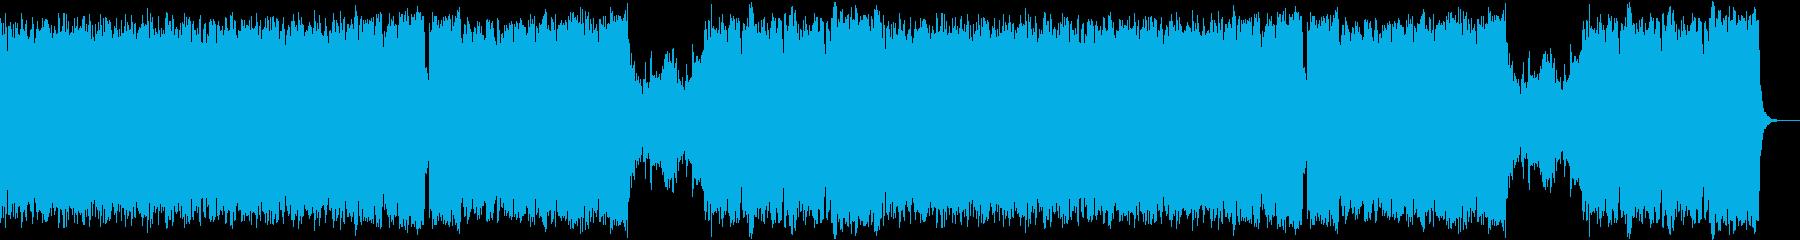 迫る敵軍をイメージしたフルオーケストラの再生済みの波形